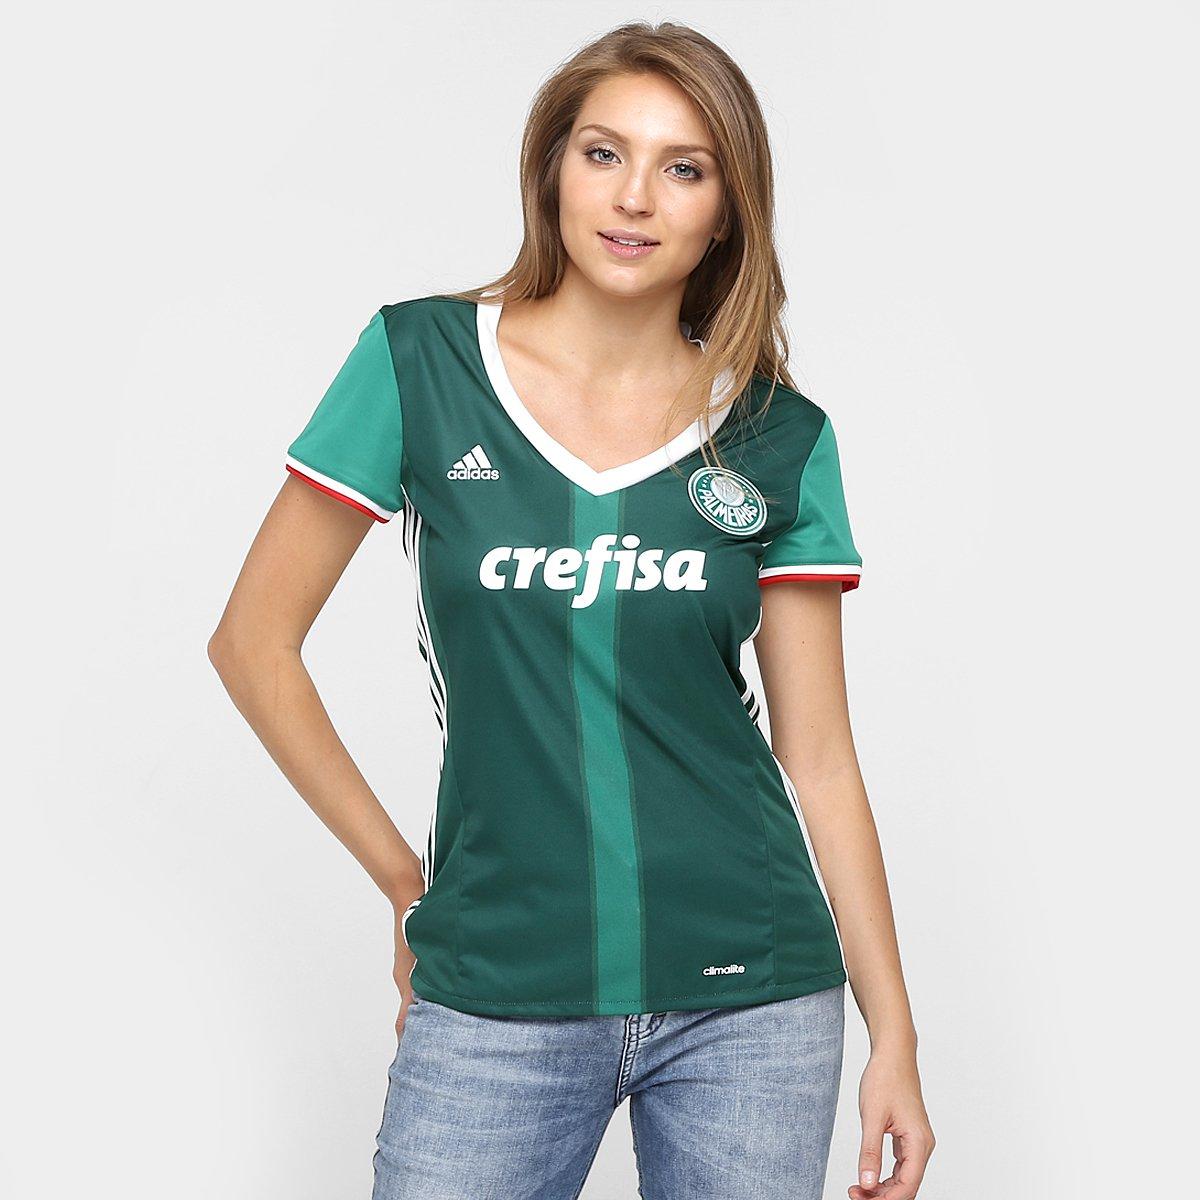 Camisa Palmeiras I 2016 s nº - Torcedor Adidas Feminina - Compre Agora  7fd32d32c9c75